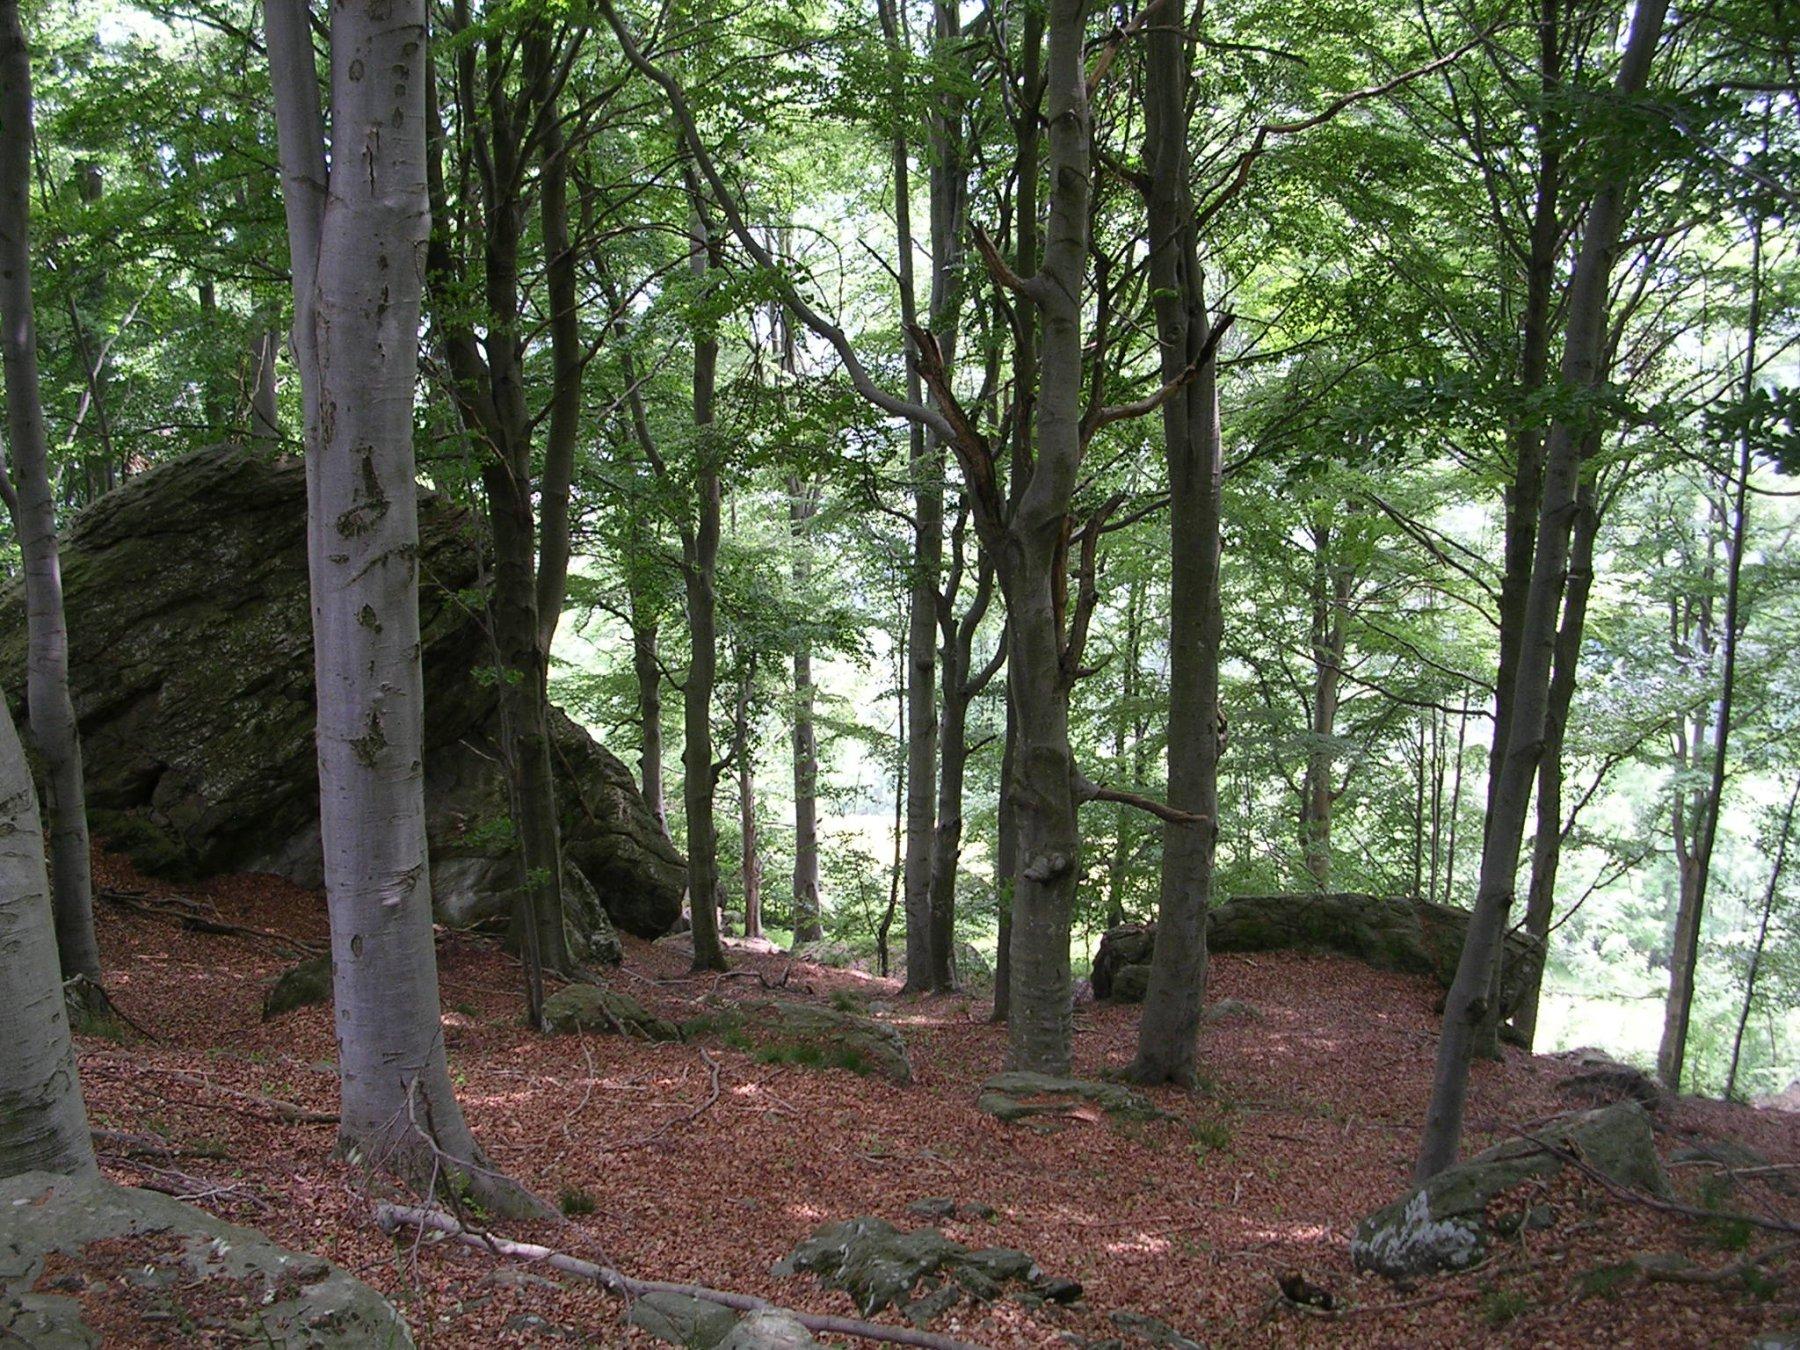 Il bosco di faggi